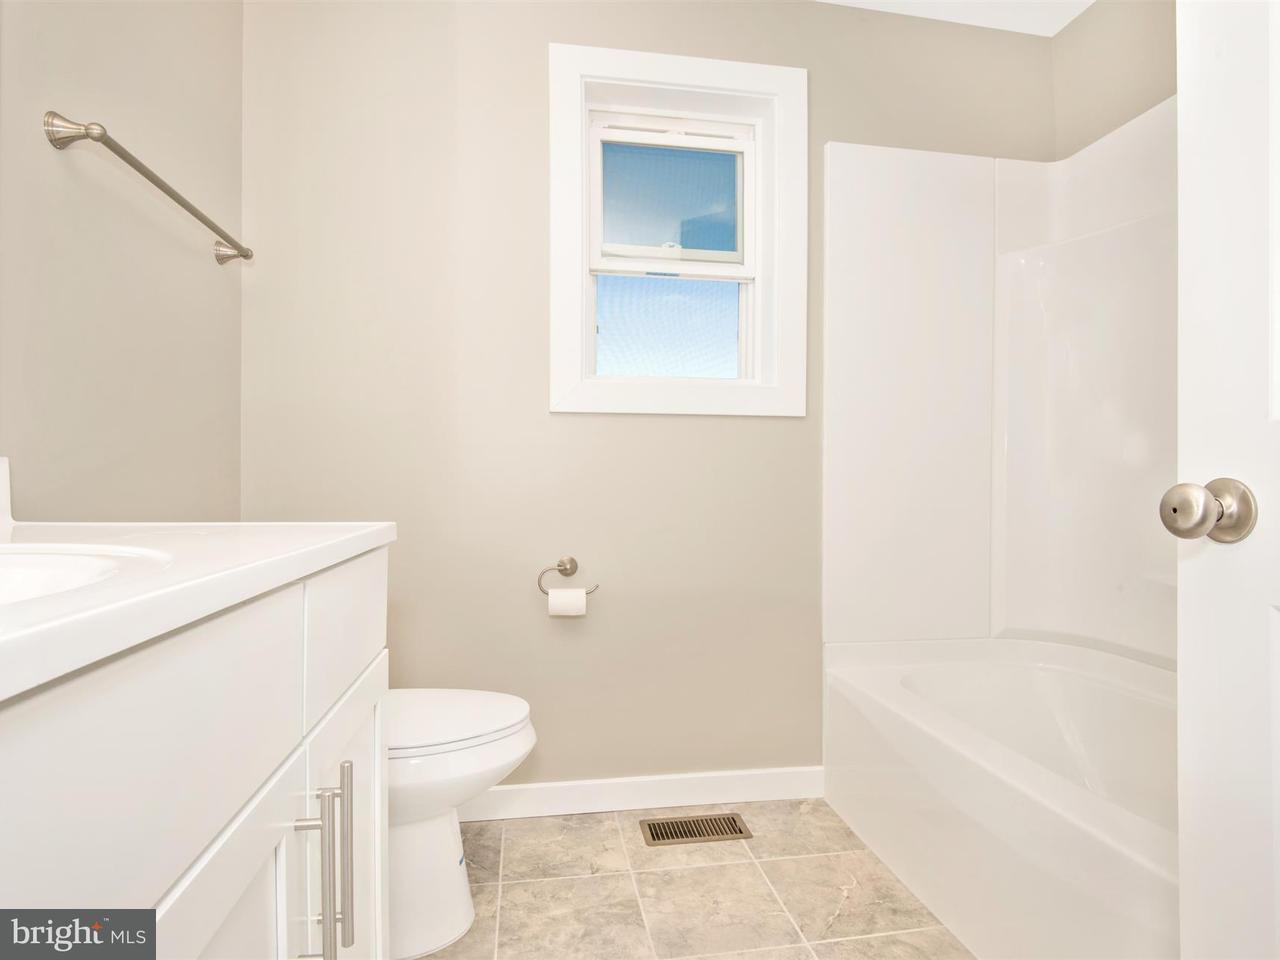 Частный односемейный дом для того Продажа на 4235 HORINE Road 4235 HORINE Road Jefferson, Мэриленд 21755 Соединенные Штаты